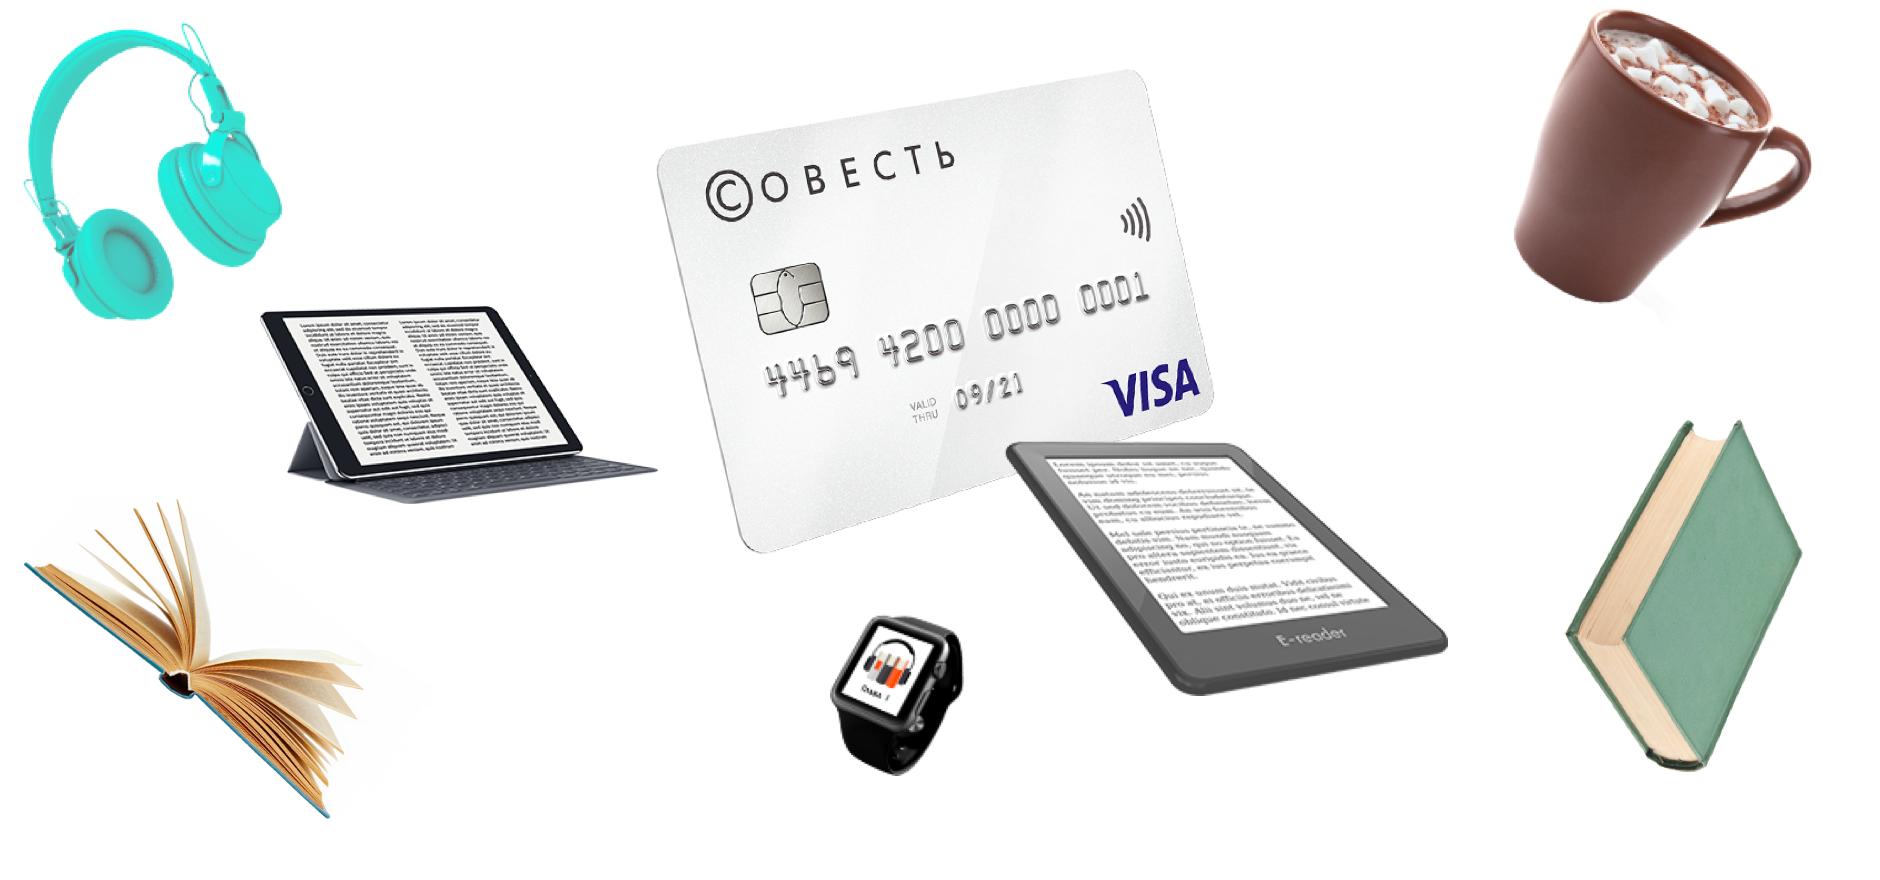 Заказать кредитную карту совесть онлайн бесплатно